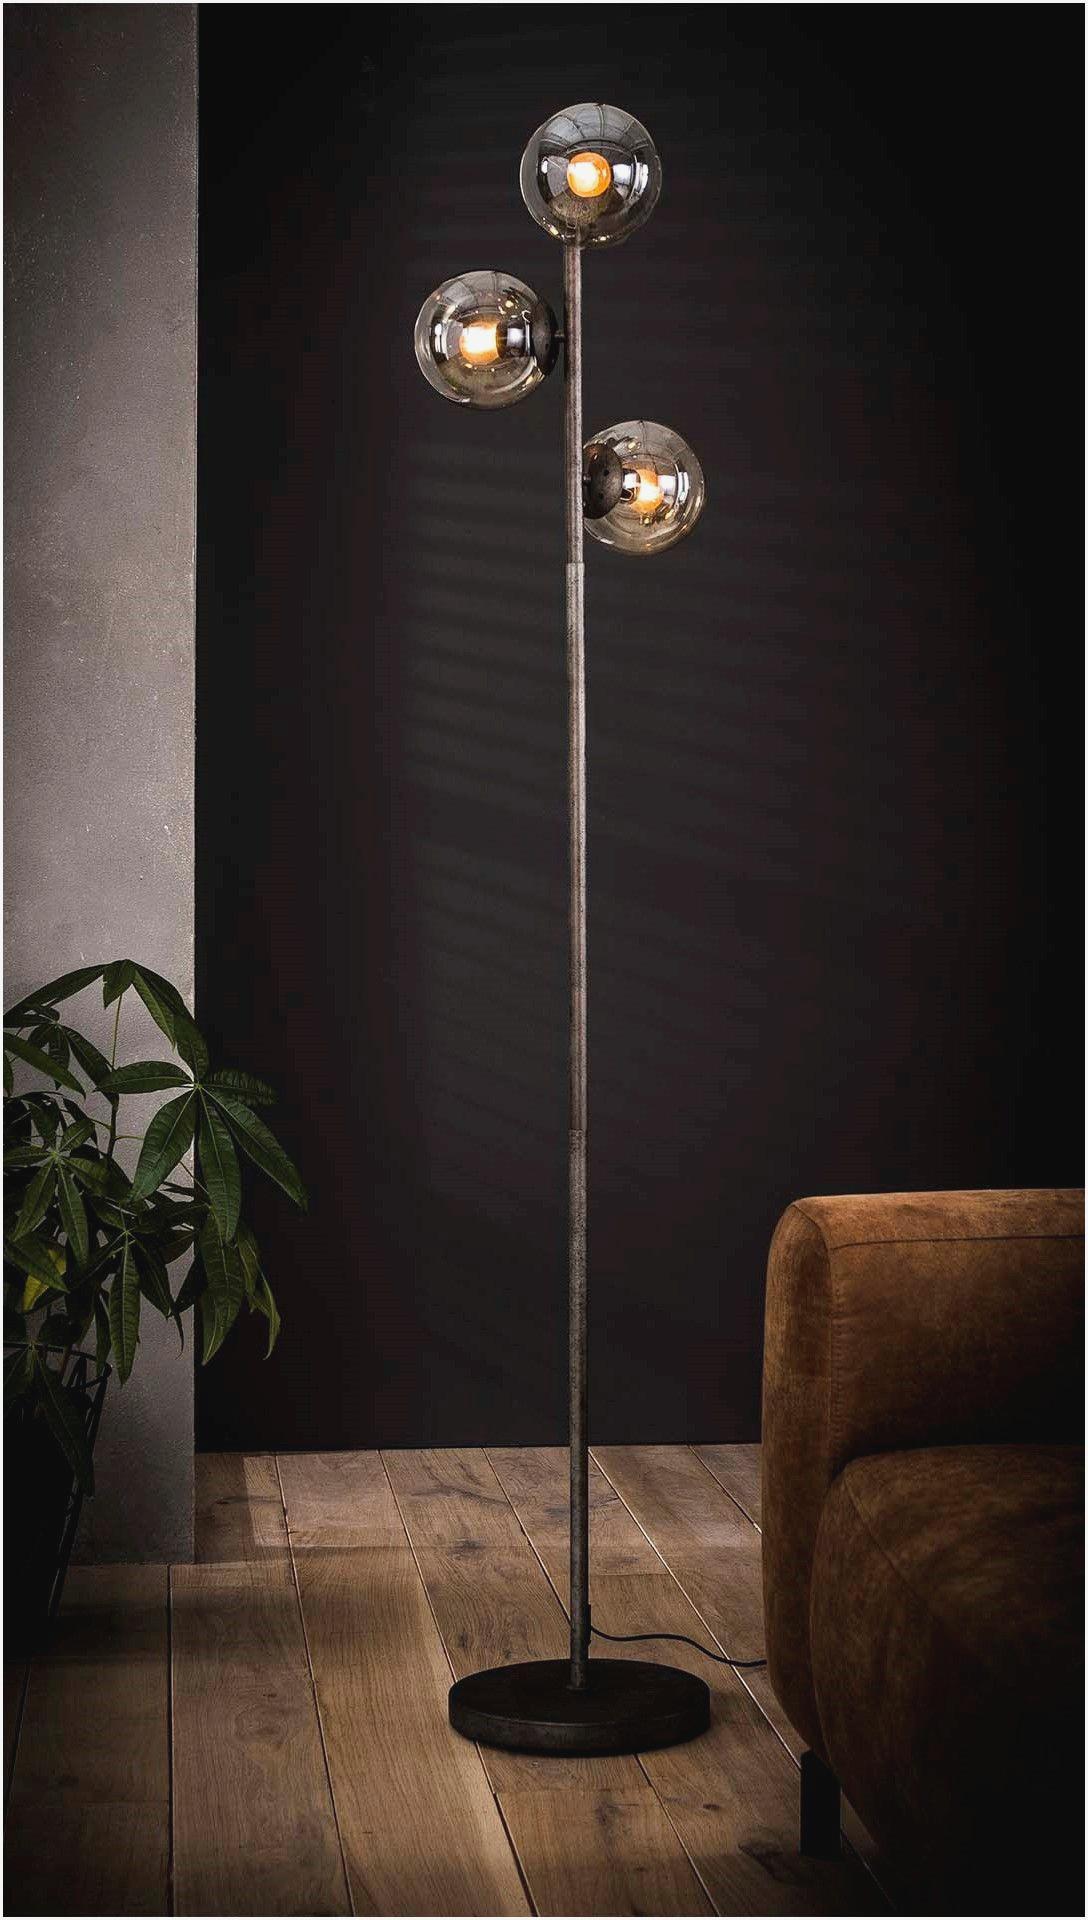 Full Size of Stehlampe Wohnzimmer Dimmbar Holz Led Stehleuchte Ikea Stehlampen Poco Moderne Deckenleuchte Fototapete Hängelampe Lampen Bilder Xxl Sessel Decken Anbauwand Wohnzimmer Stehlampe Wohnzimmer Dimmbar